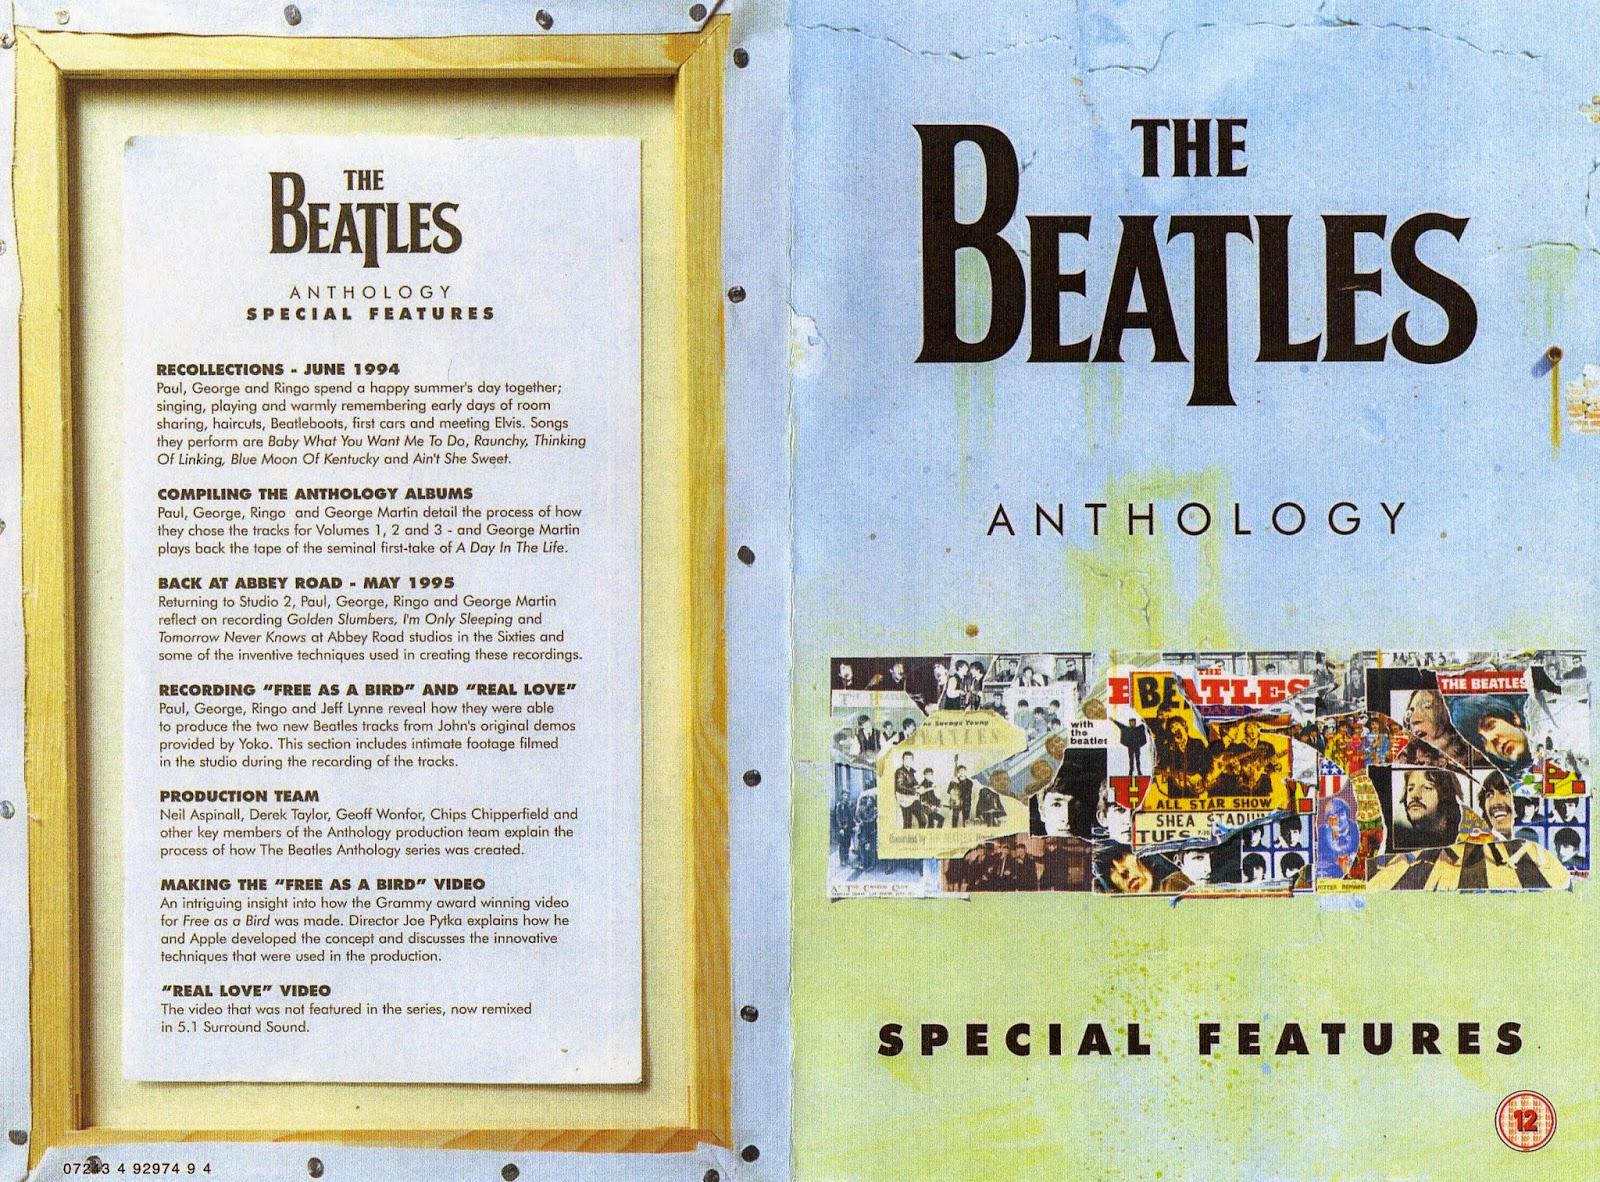 Previous Anthologies